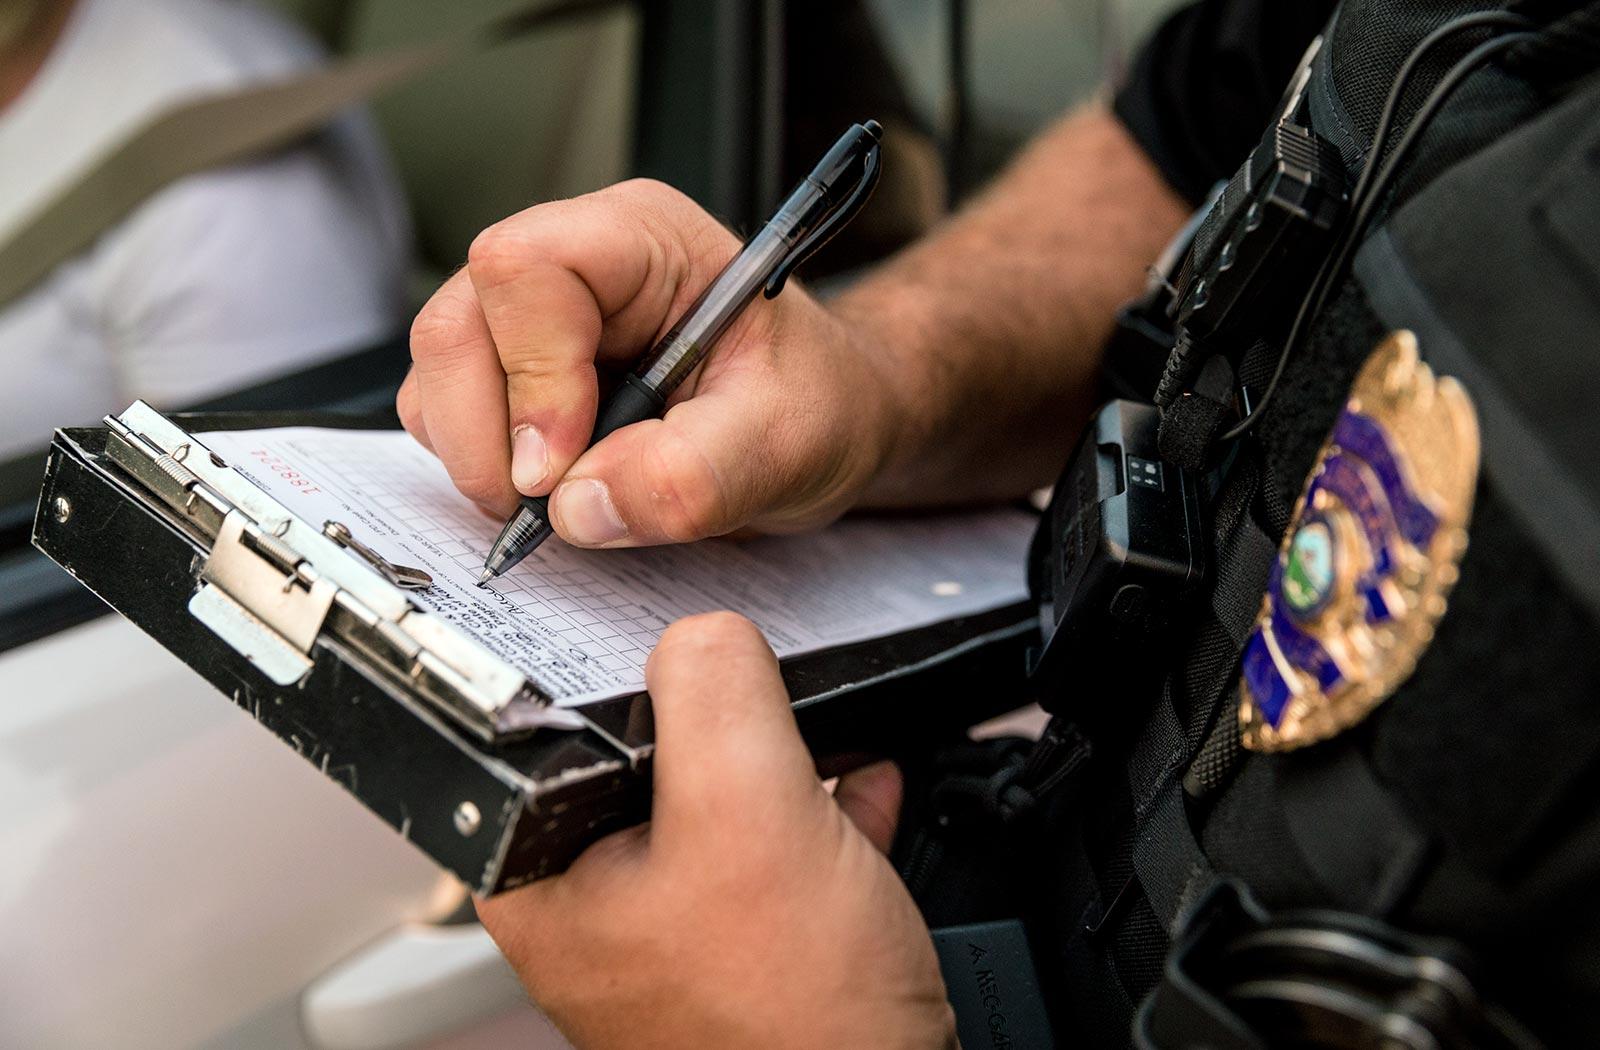 Un oficial de policía escribiendo información en un bloc